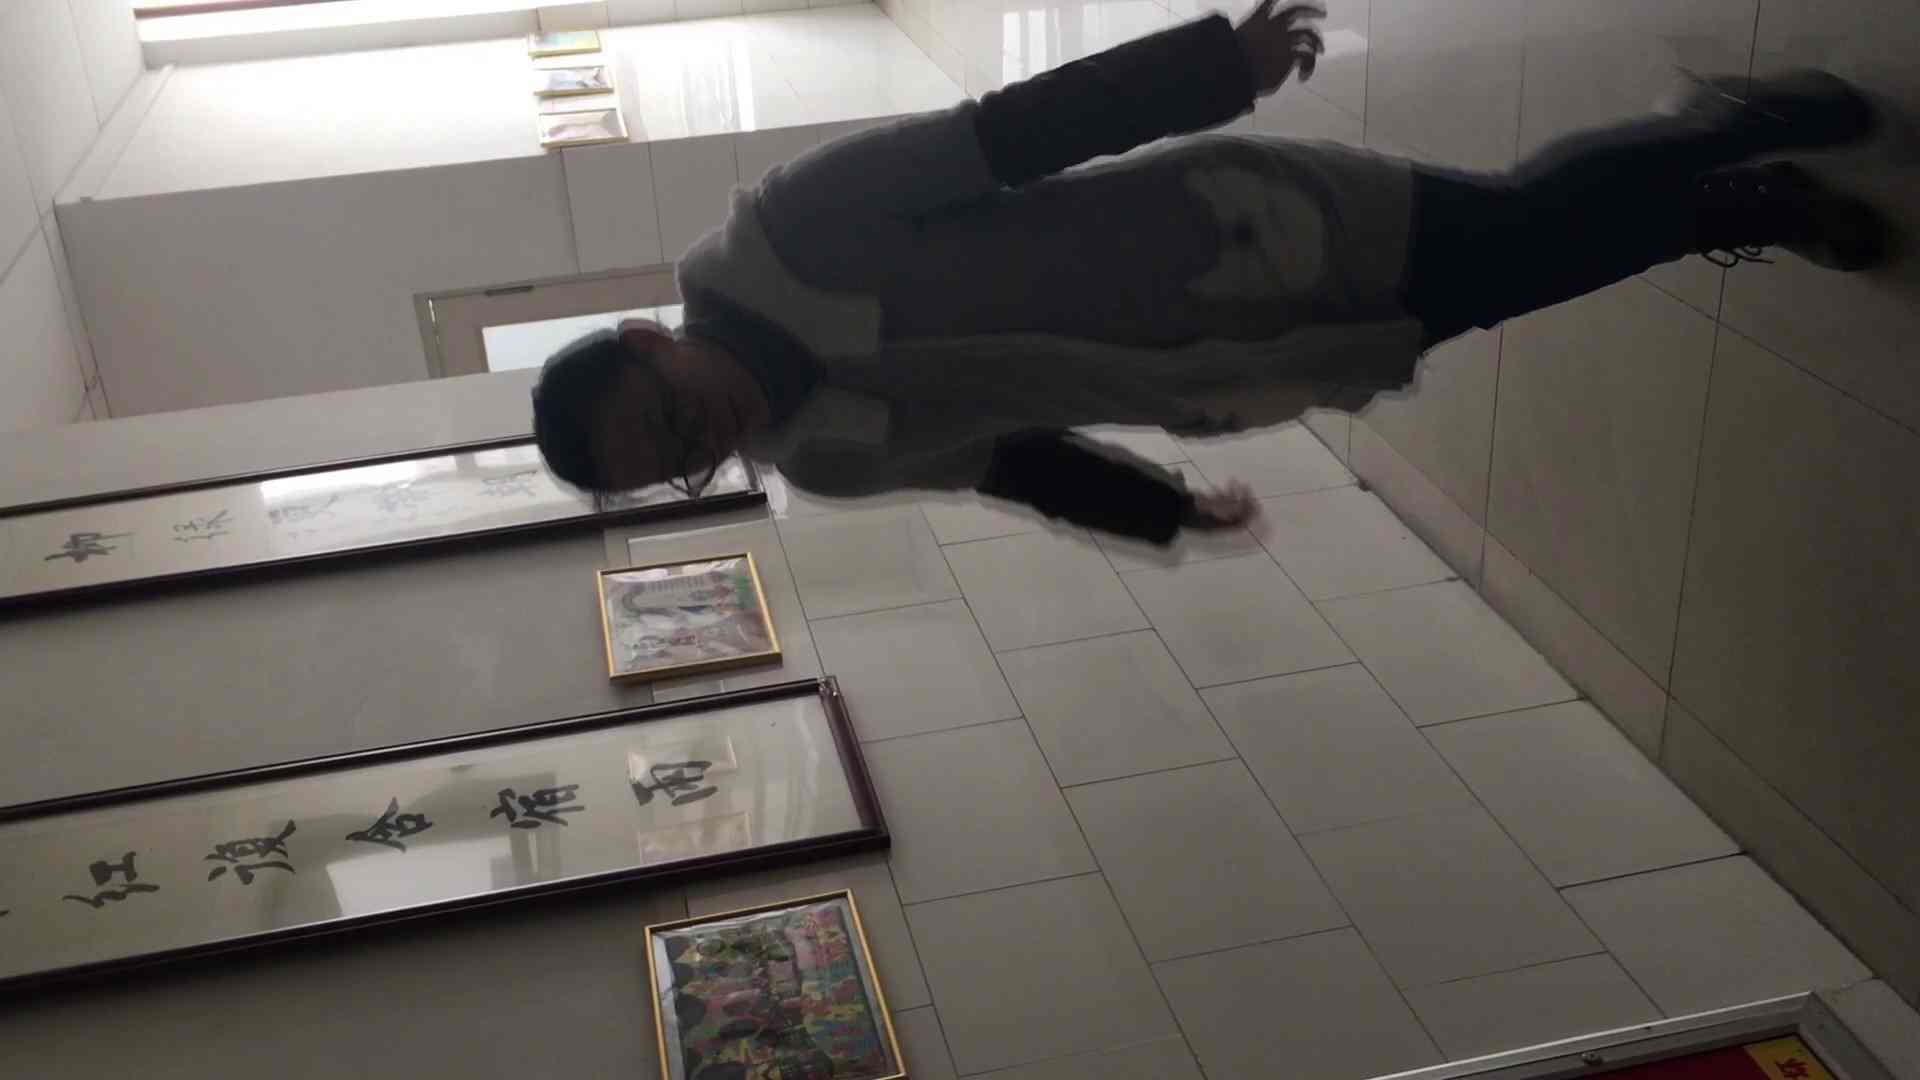 芸術大学ガチ潜入盗撮 JD盗撮 美女の洗面所の秘密 Vol.82 洗面所 セックス無修正動画無料 73画像 43